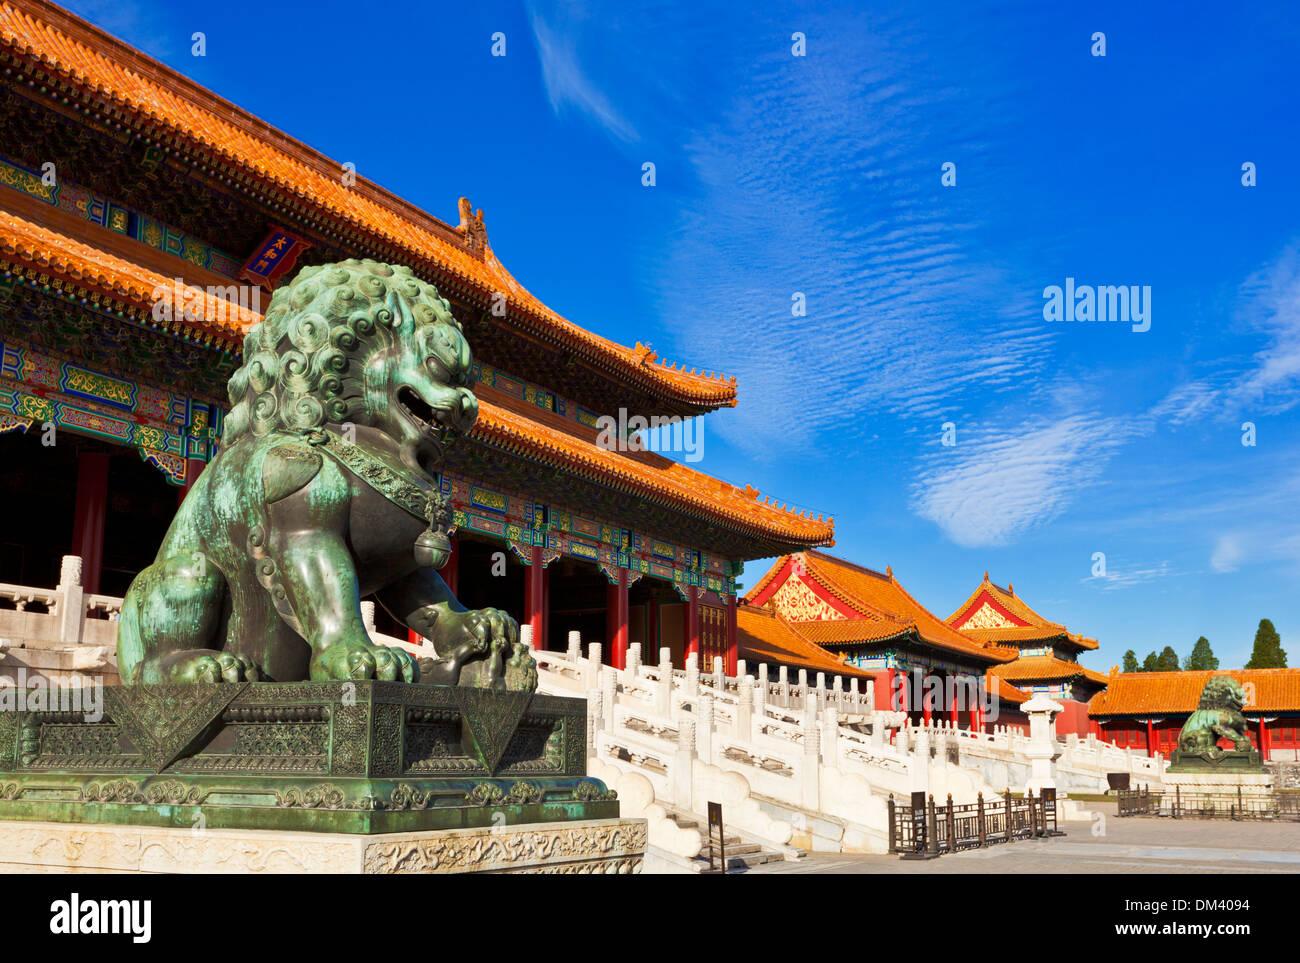 León de Bronce frente a la puerta de la Suprema Armonía, patio exterior, la Ciudad Prohibida, Beijing, República Popular de China, Asia Imagen De Stock